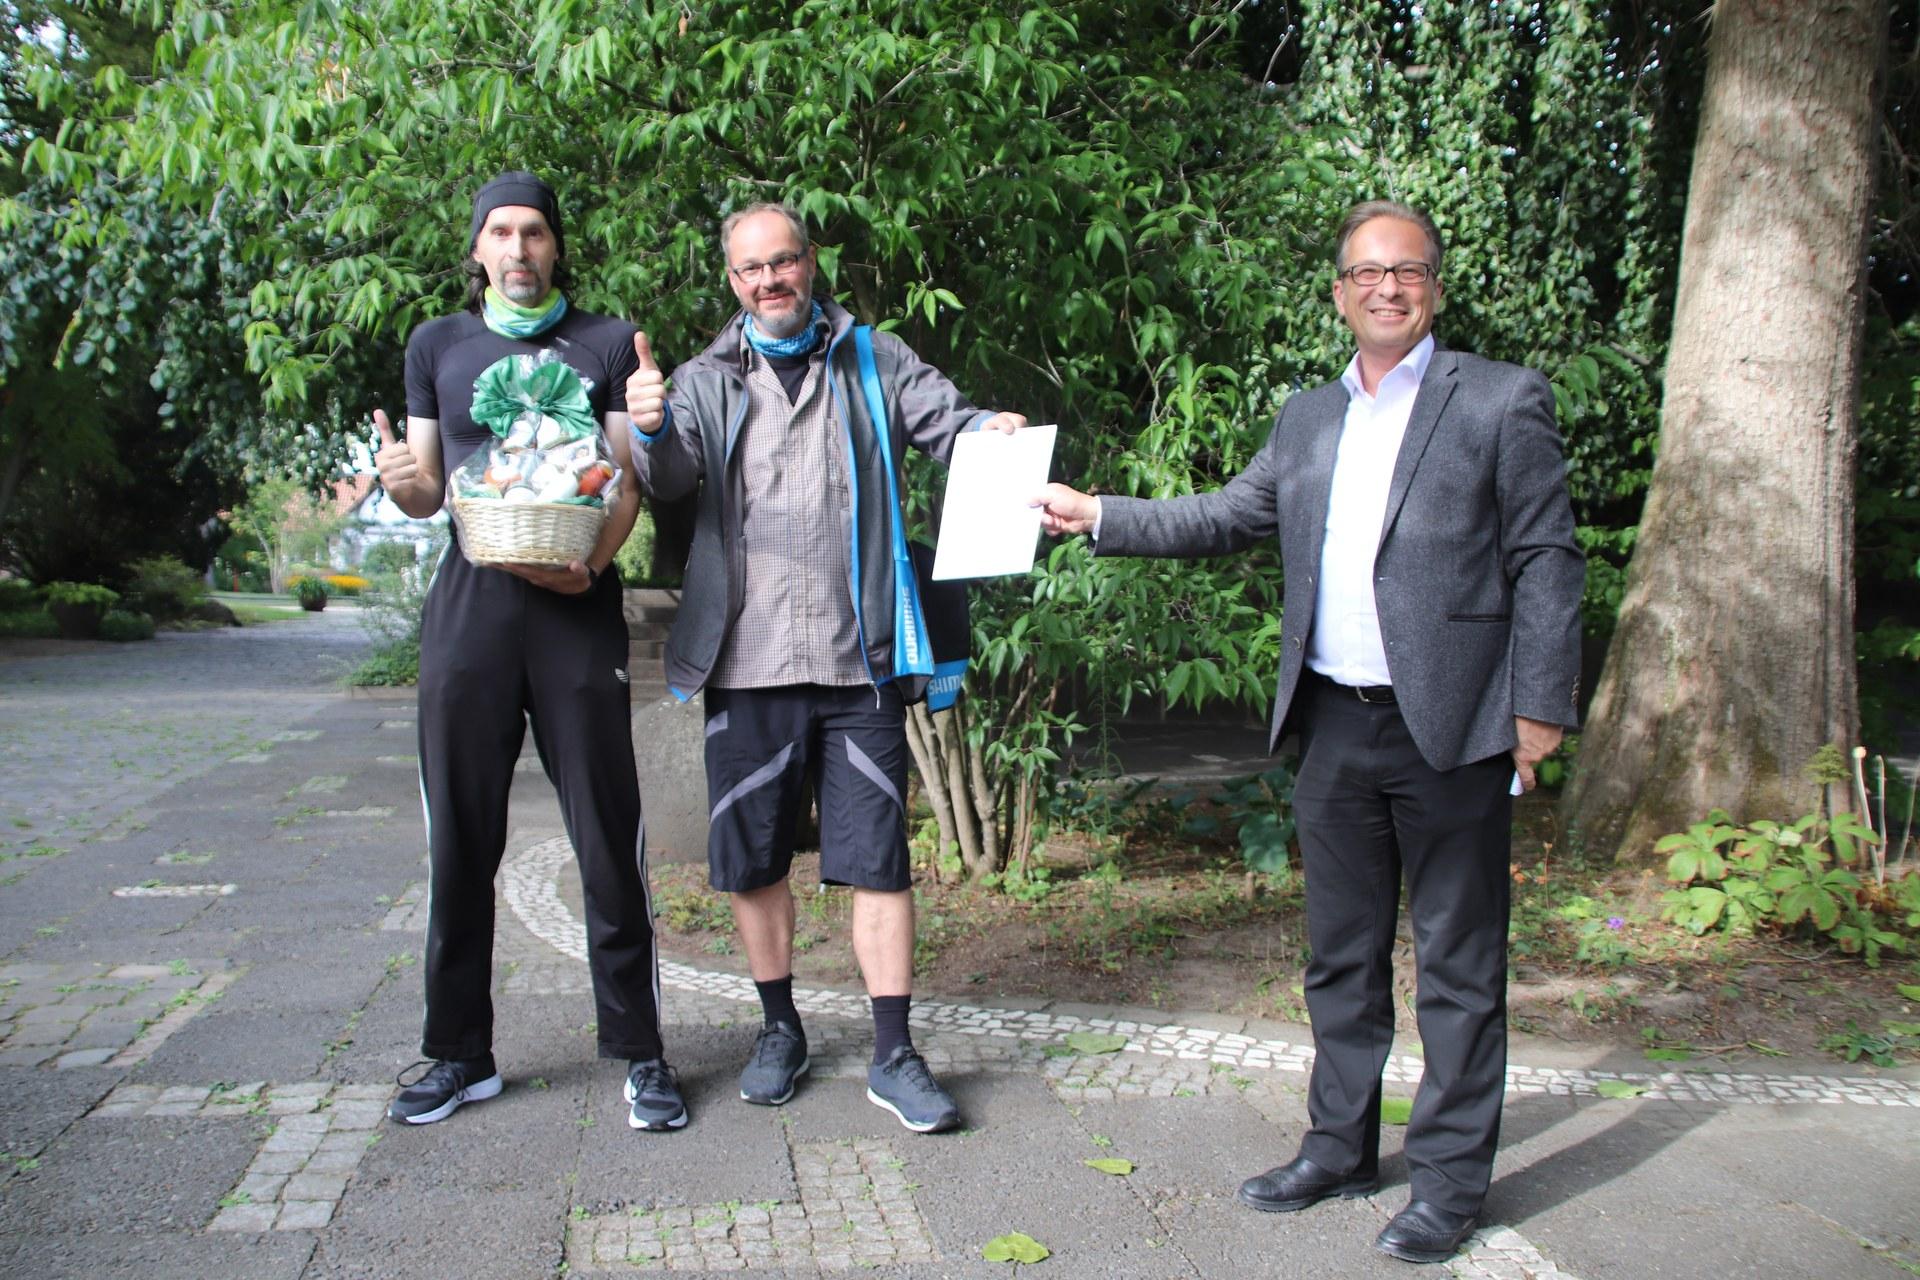 2808 Fast bis zum Mond geradelt 04 - Frank Pietzsch und Patrick Meier vom Team Zweirad Oberlaender mit BM Reiner Breuer.jpg